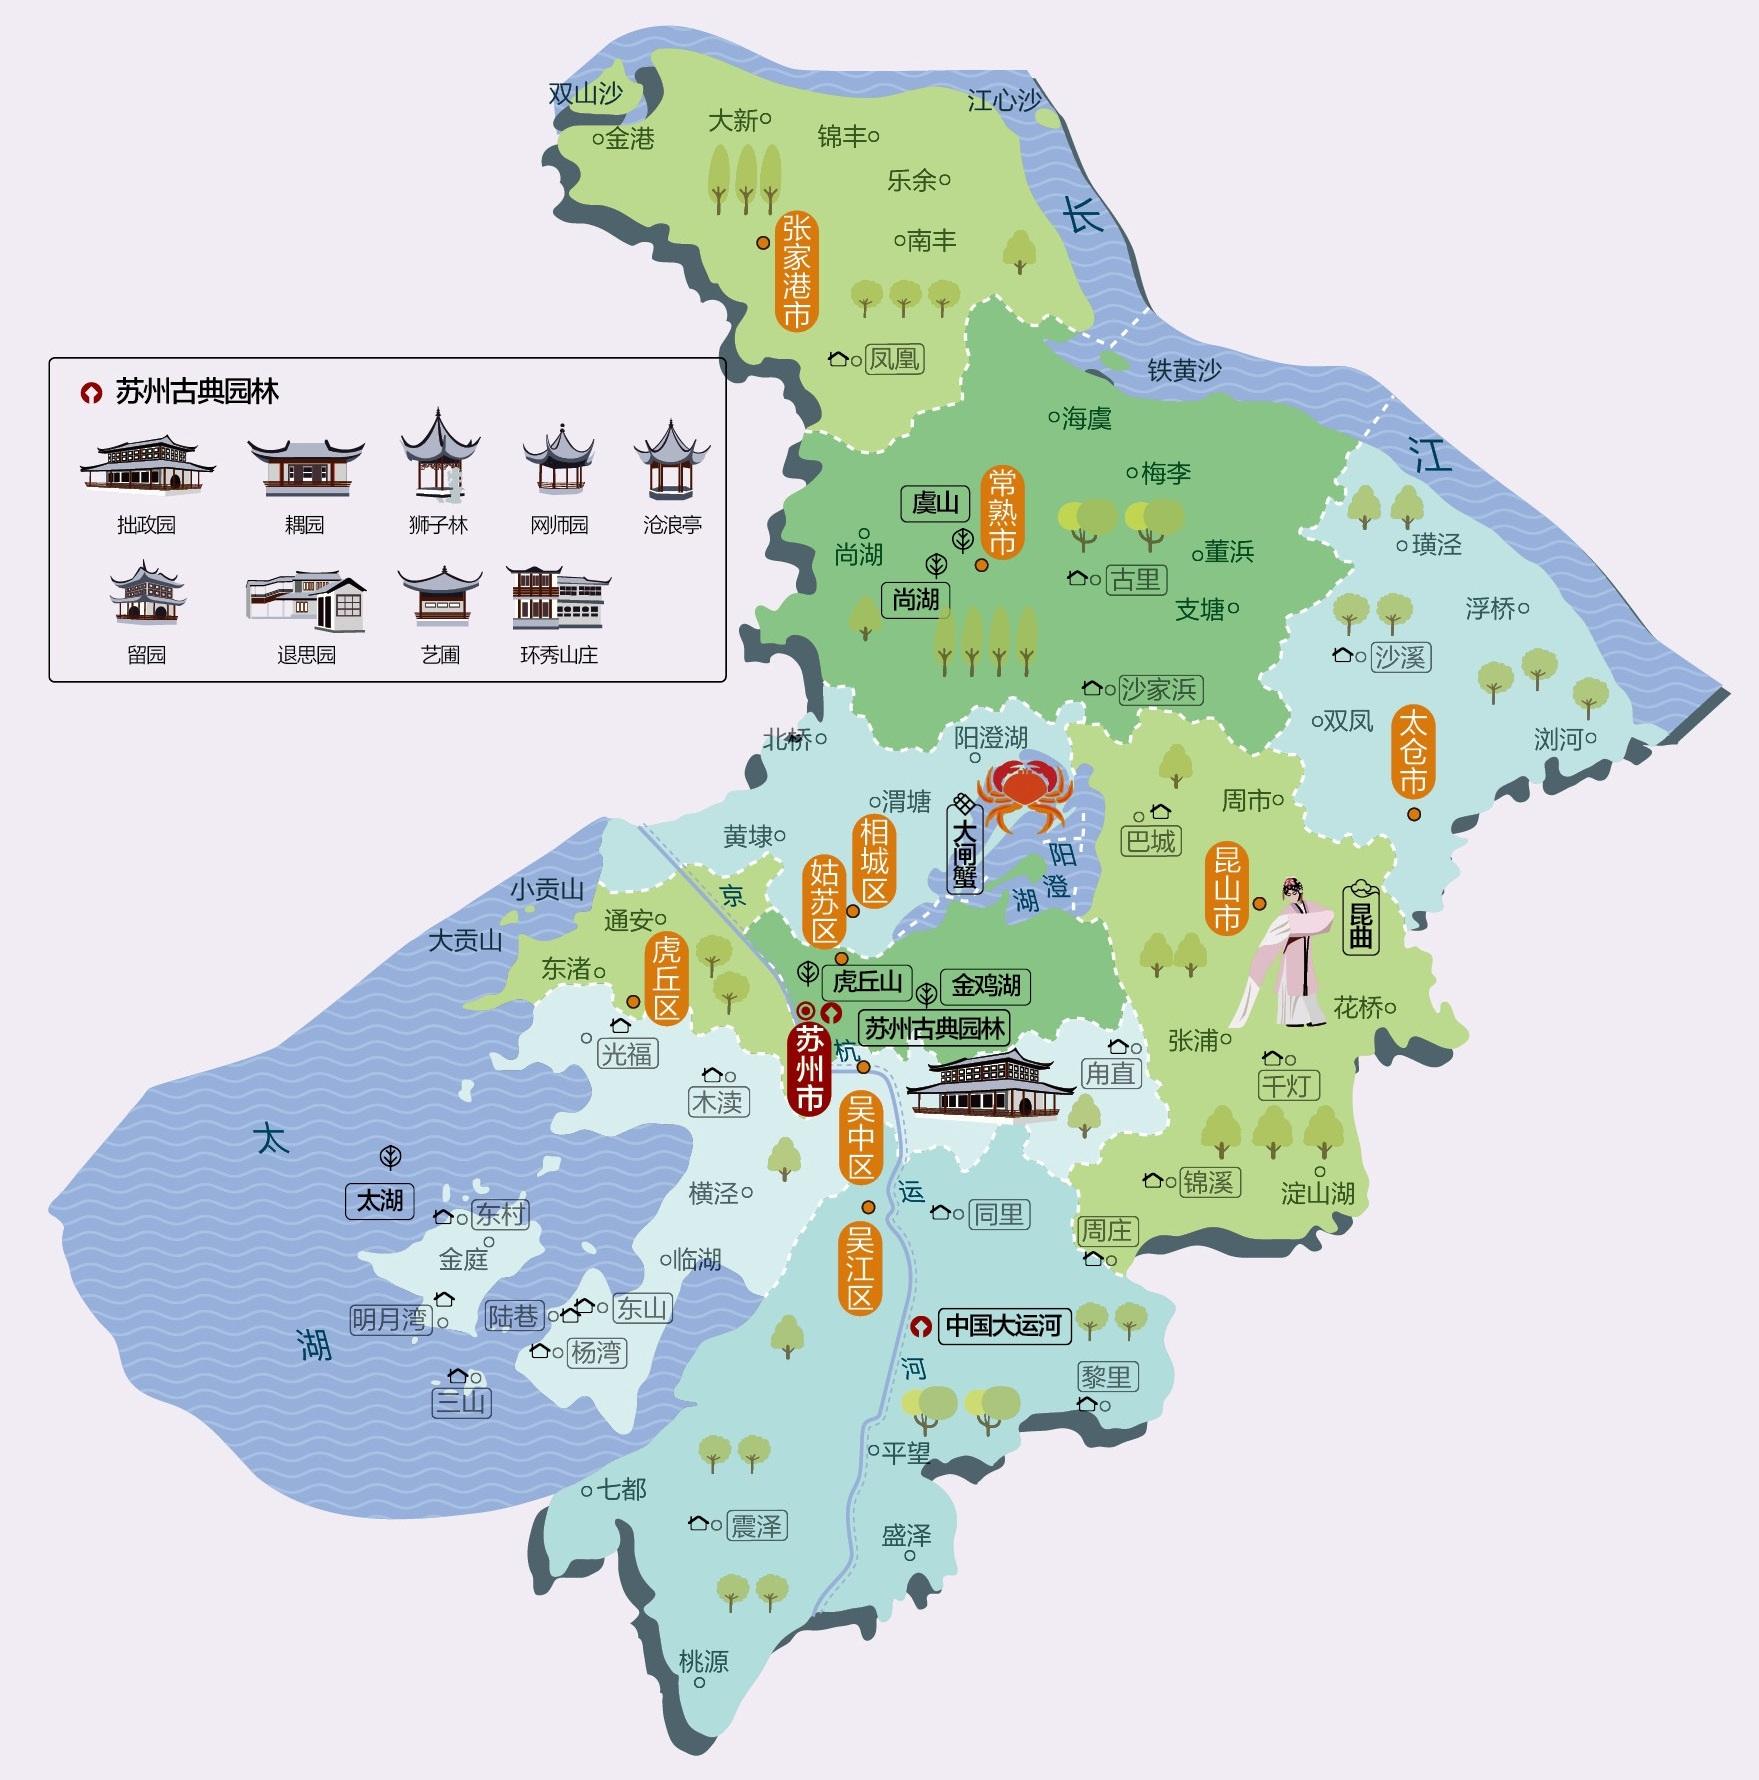 江苏省苏州市旅游地图